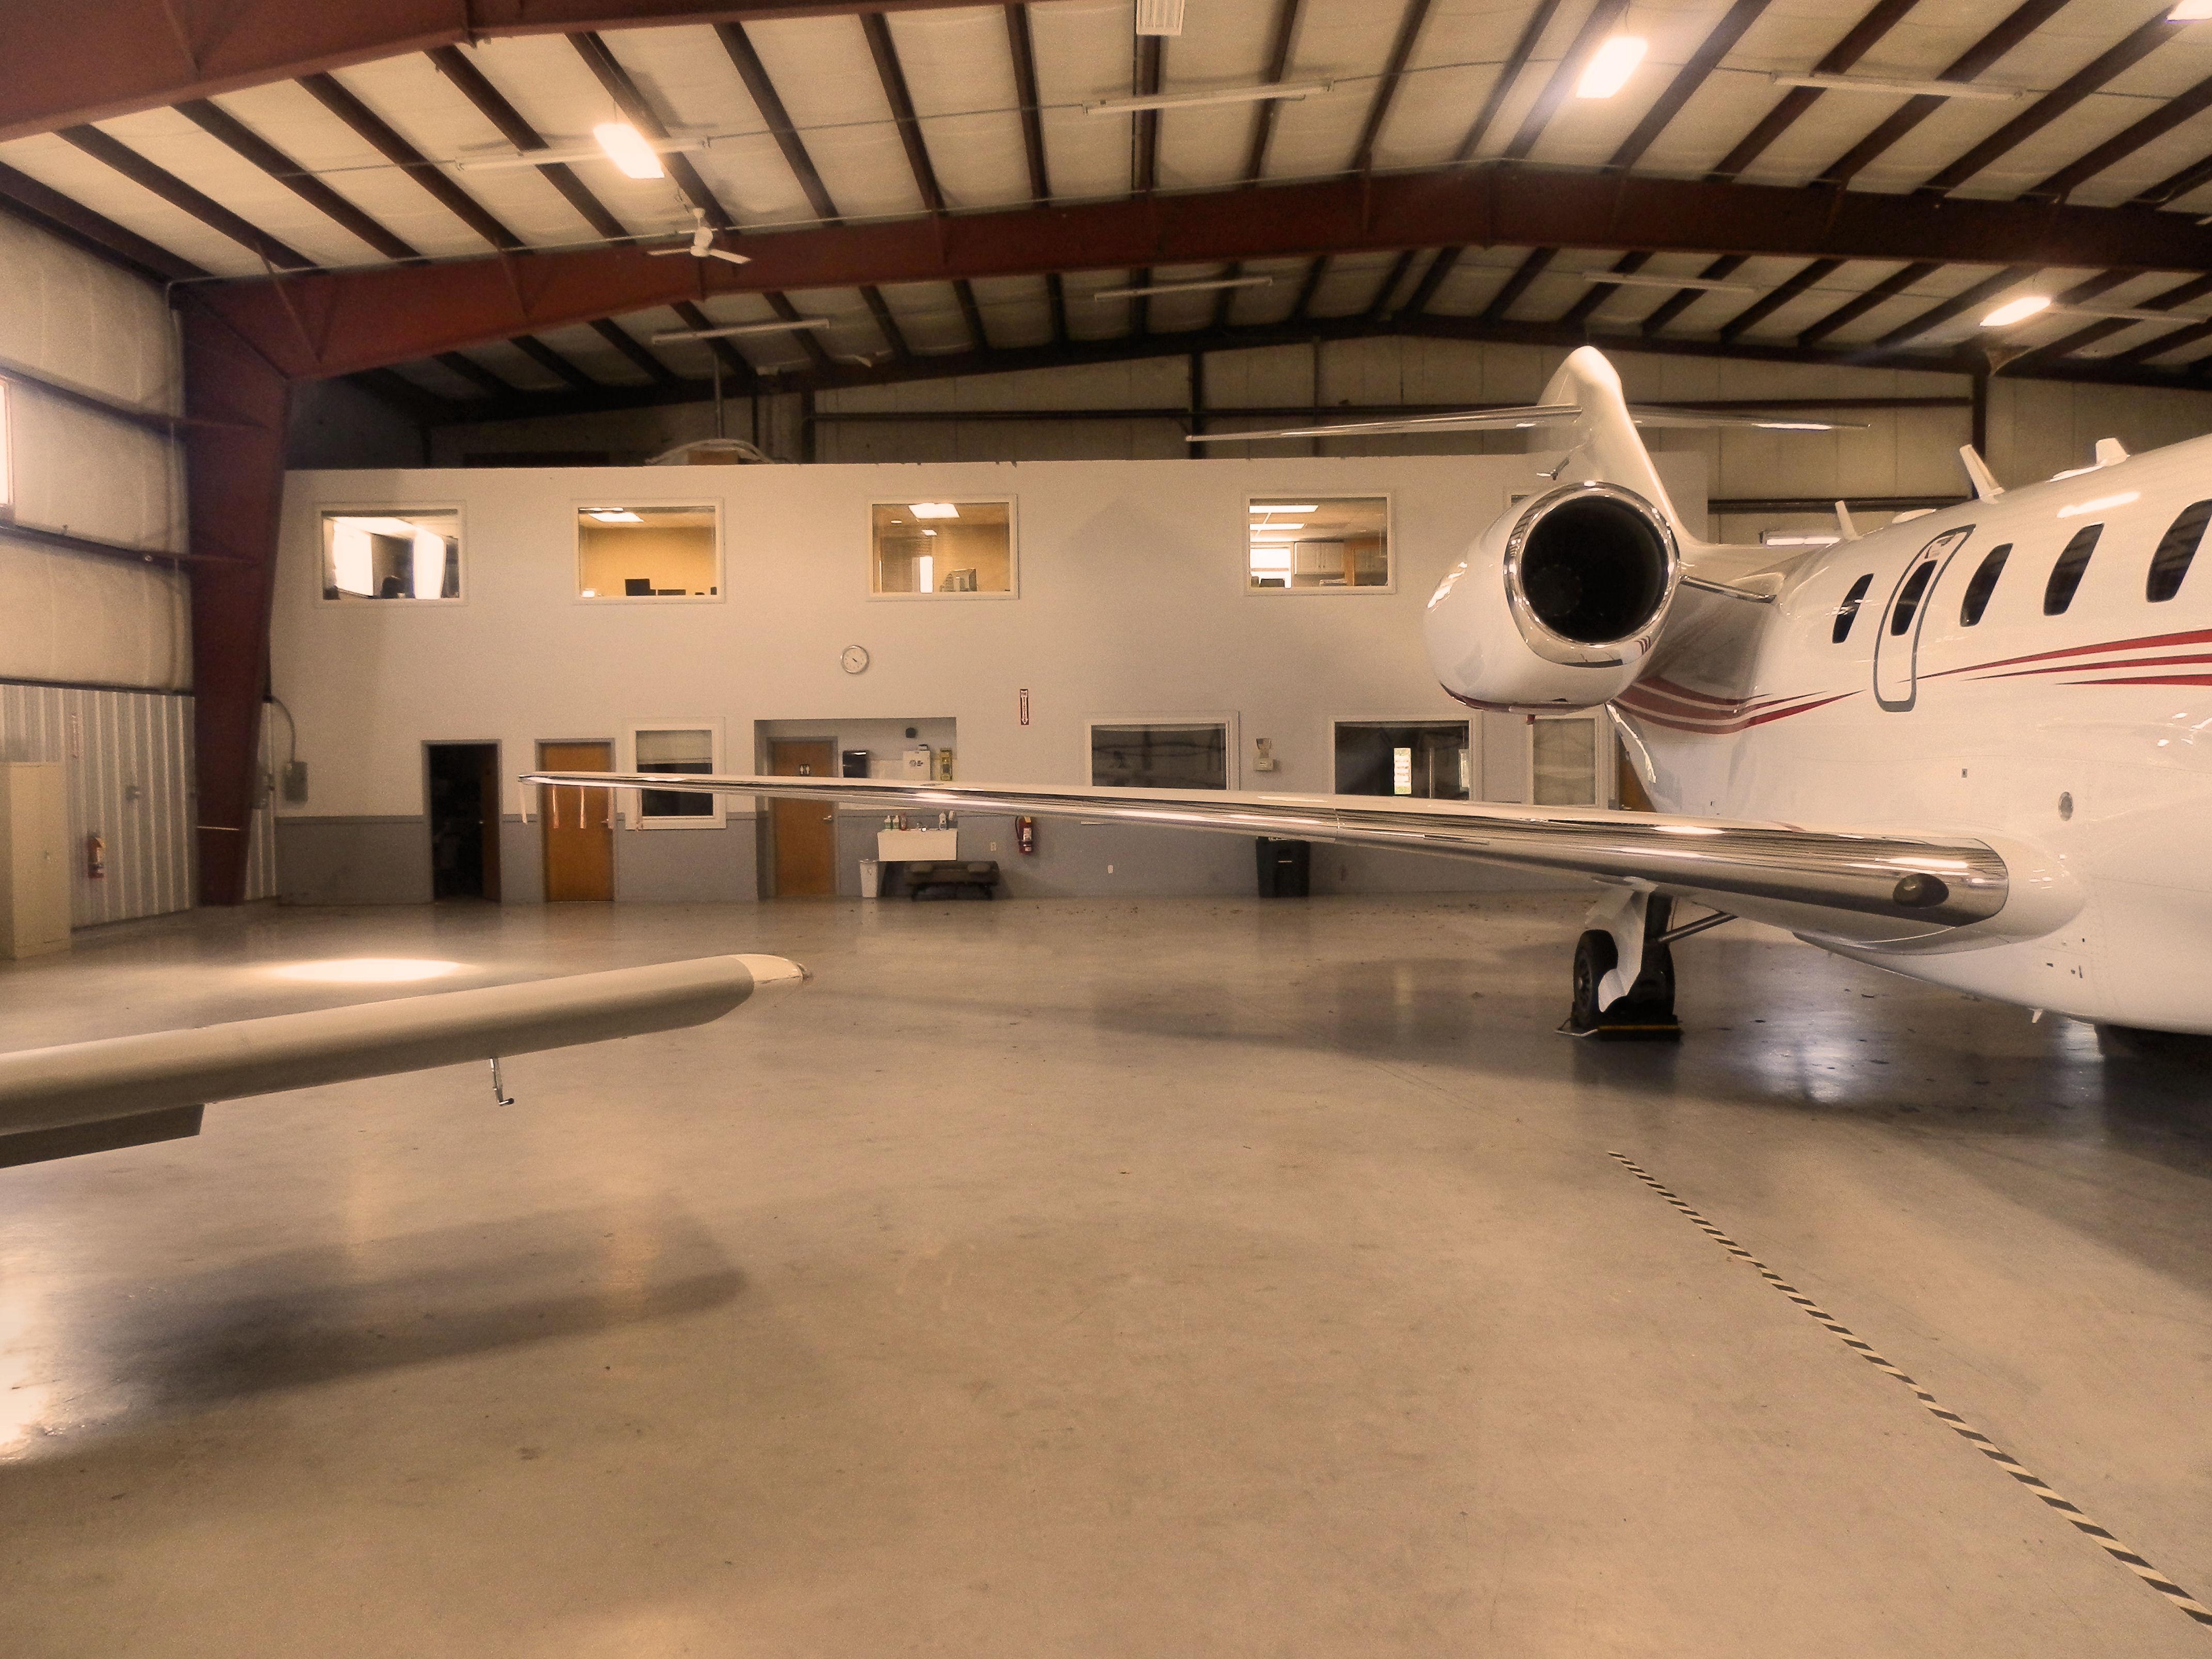 Citation X at Sandpiper Air